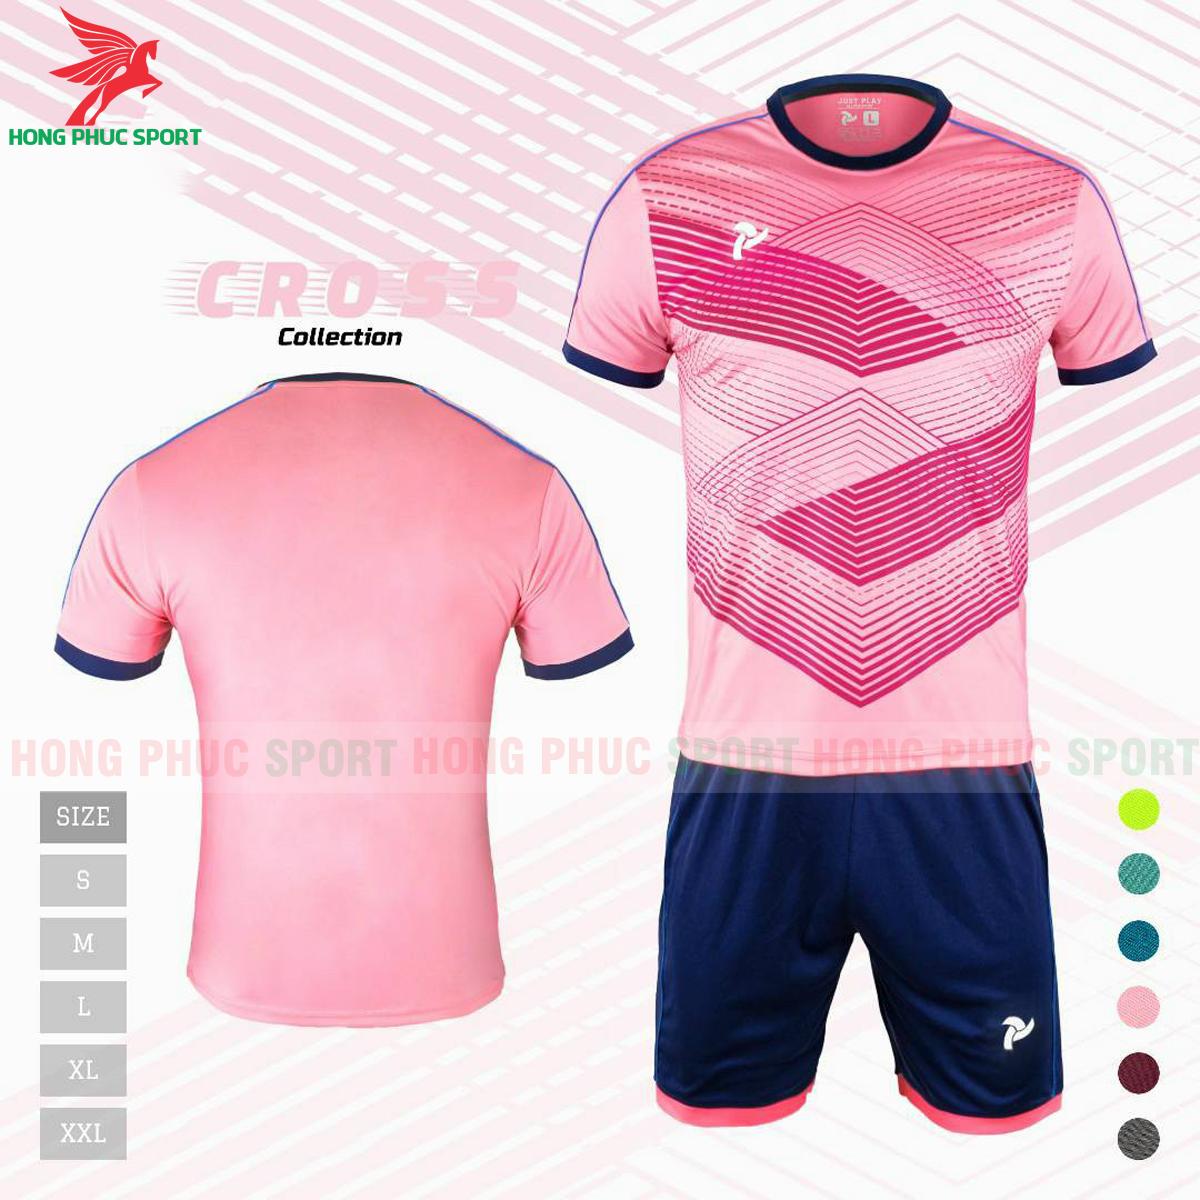 Áo đấu không logo Justplay Cross 2021 màu hồng